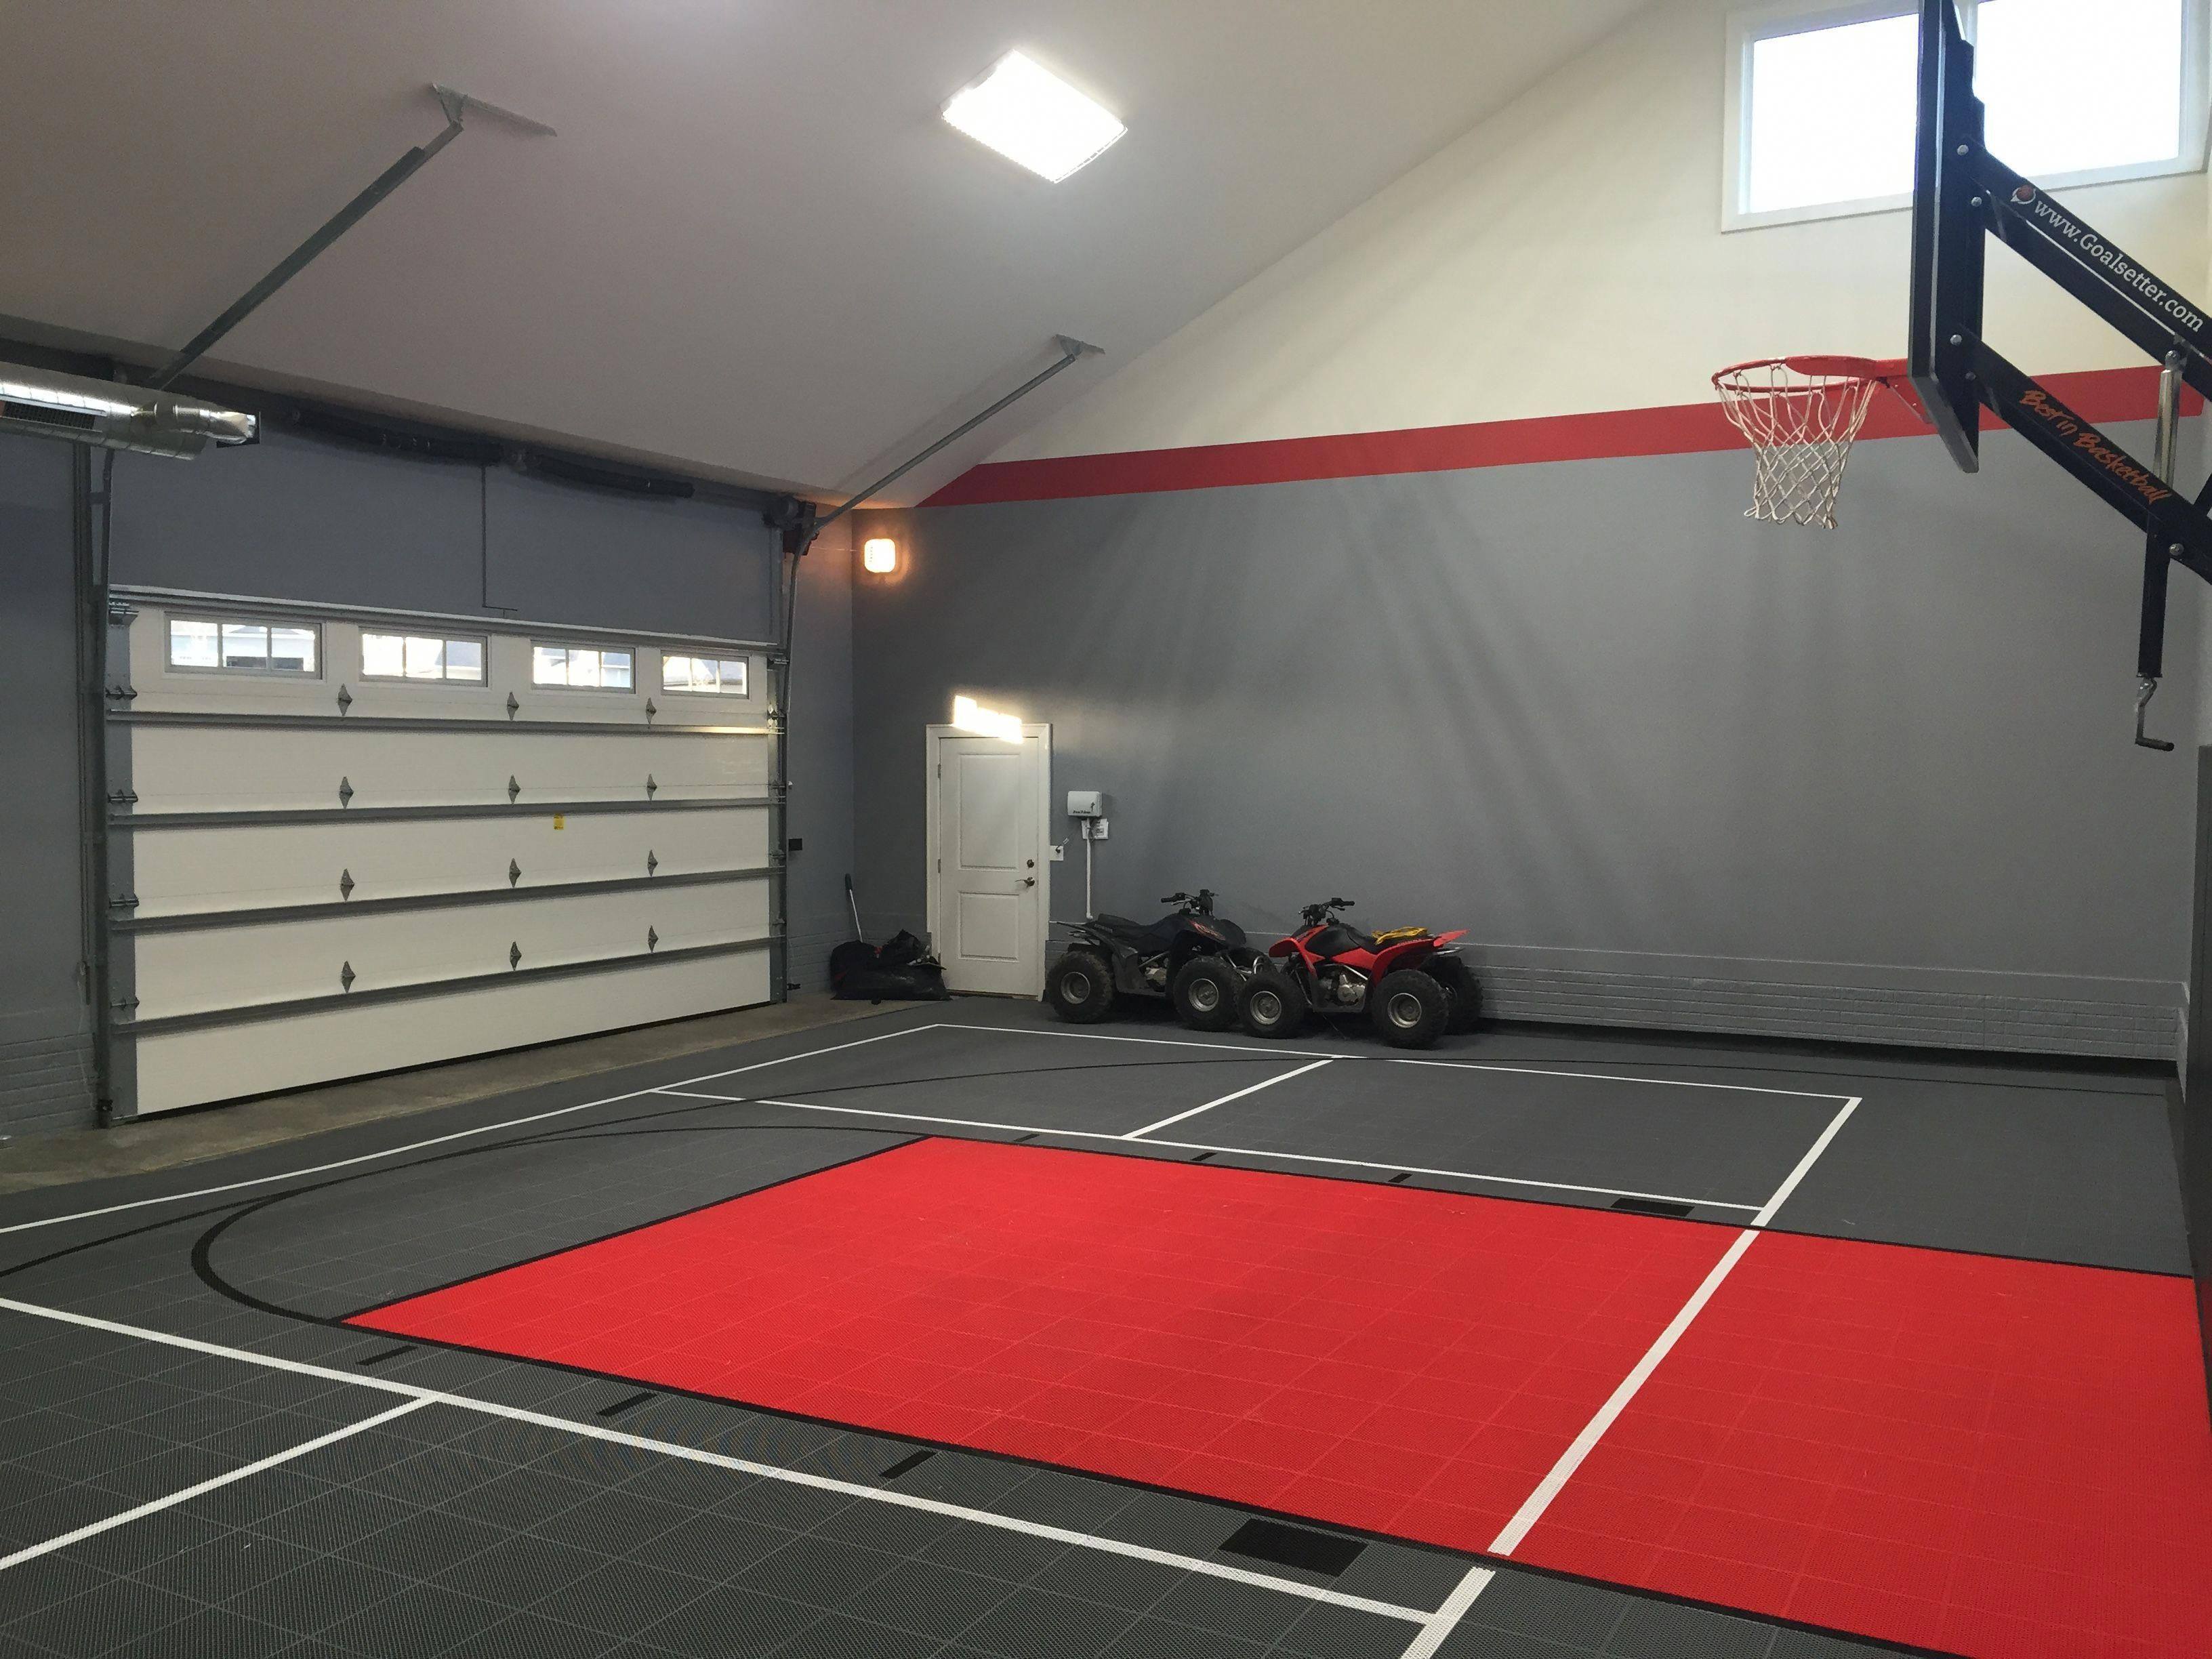 Garage Gym Sport Court Indoorbasketballcourt Dream Home Home Basketball Court Home Gym Garage Indoor Basketball Court